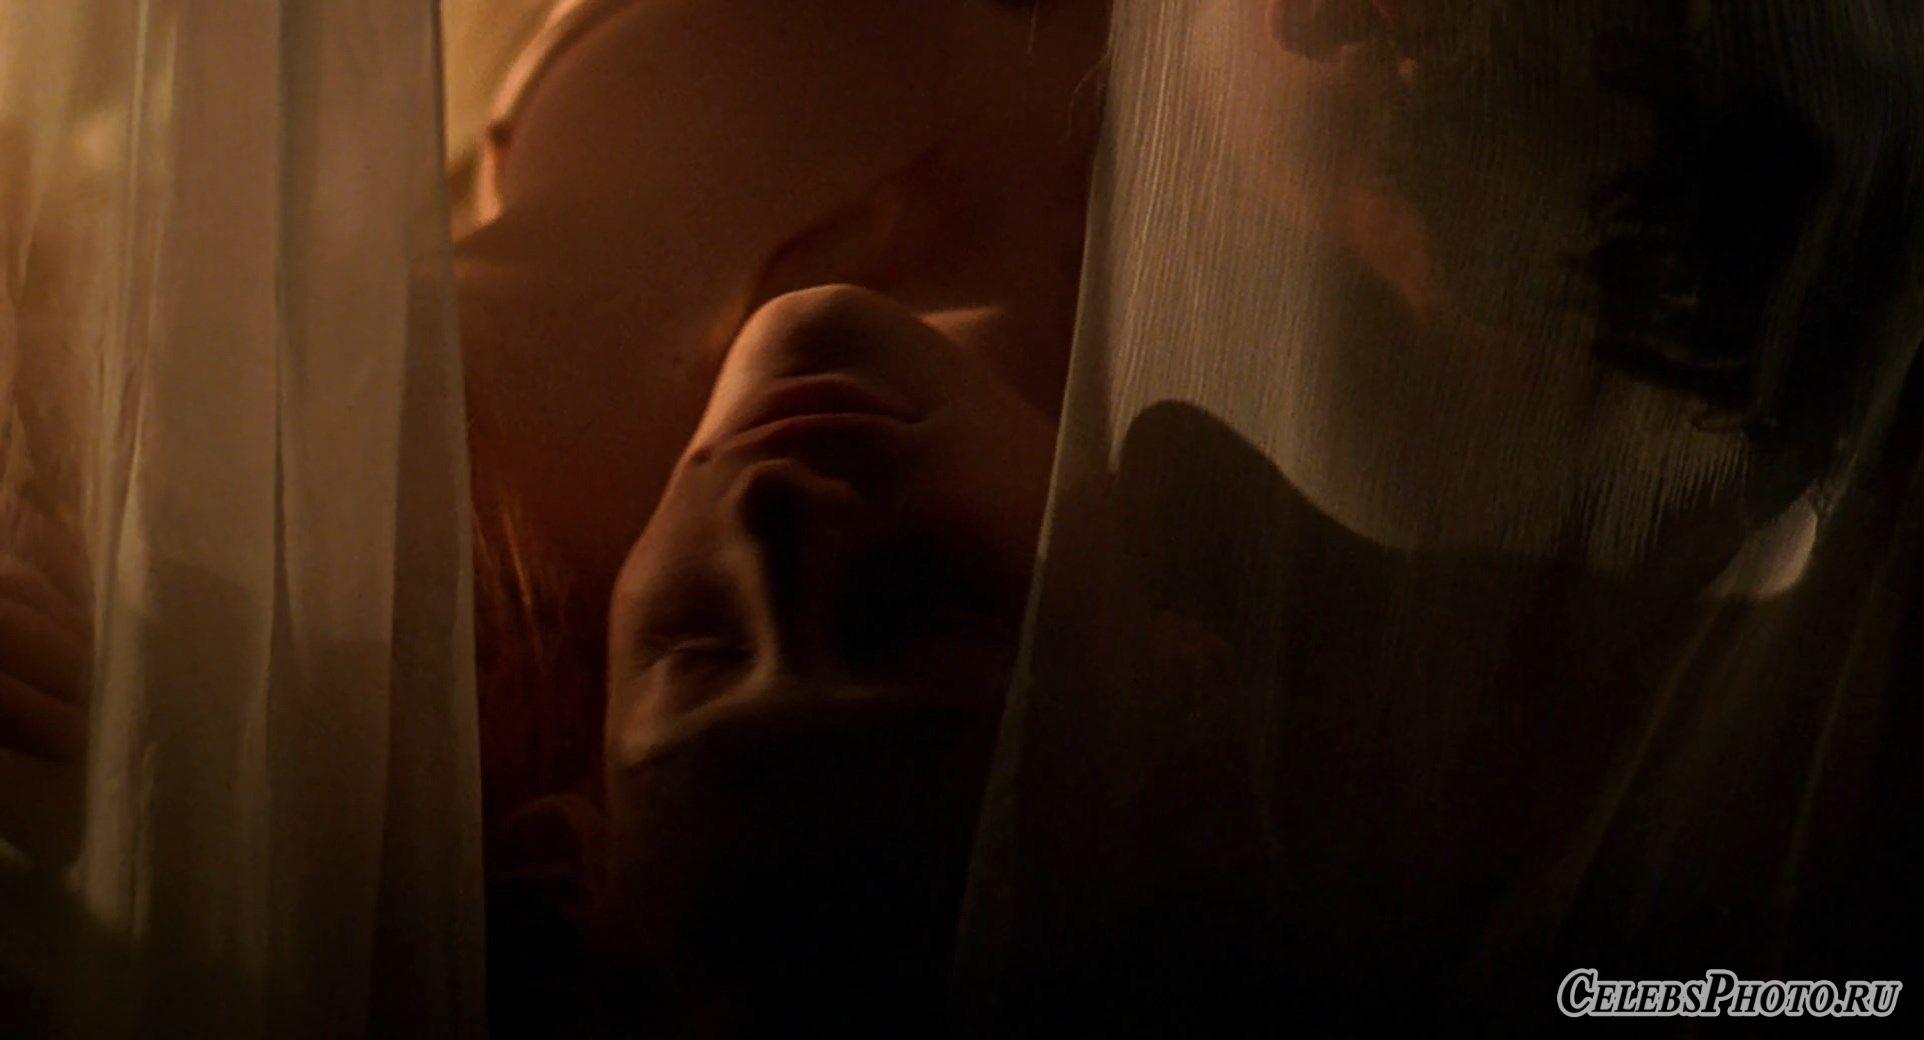 Елизавета – Кейт Бланшетт